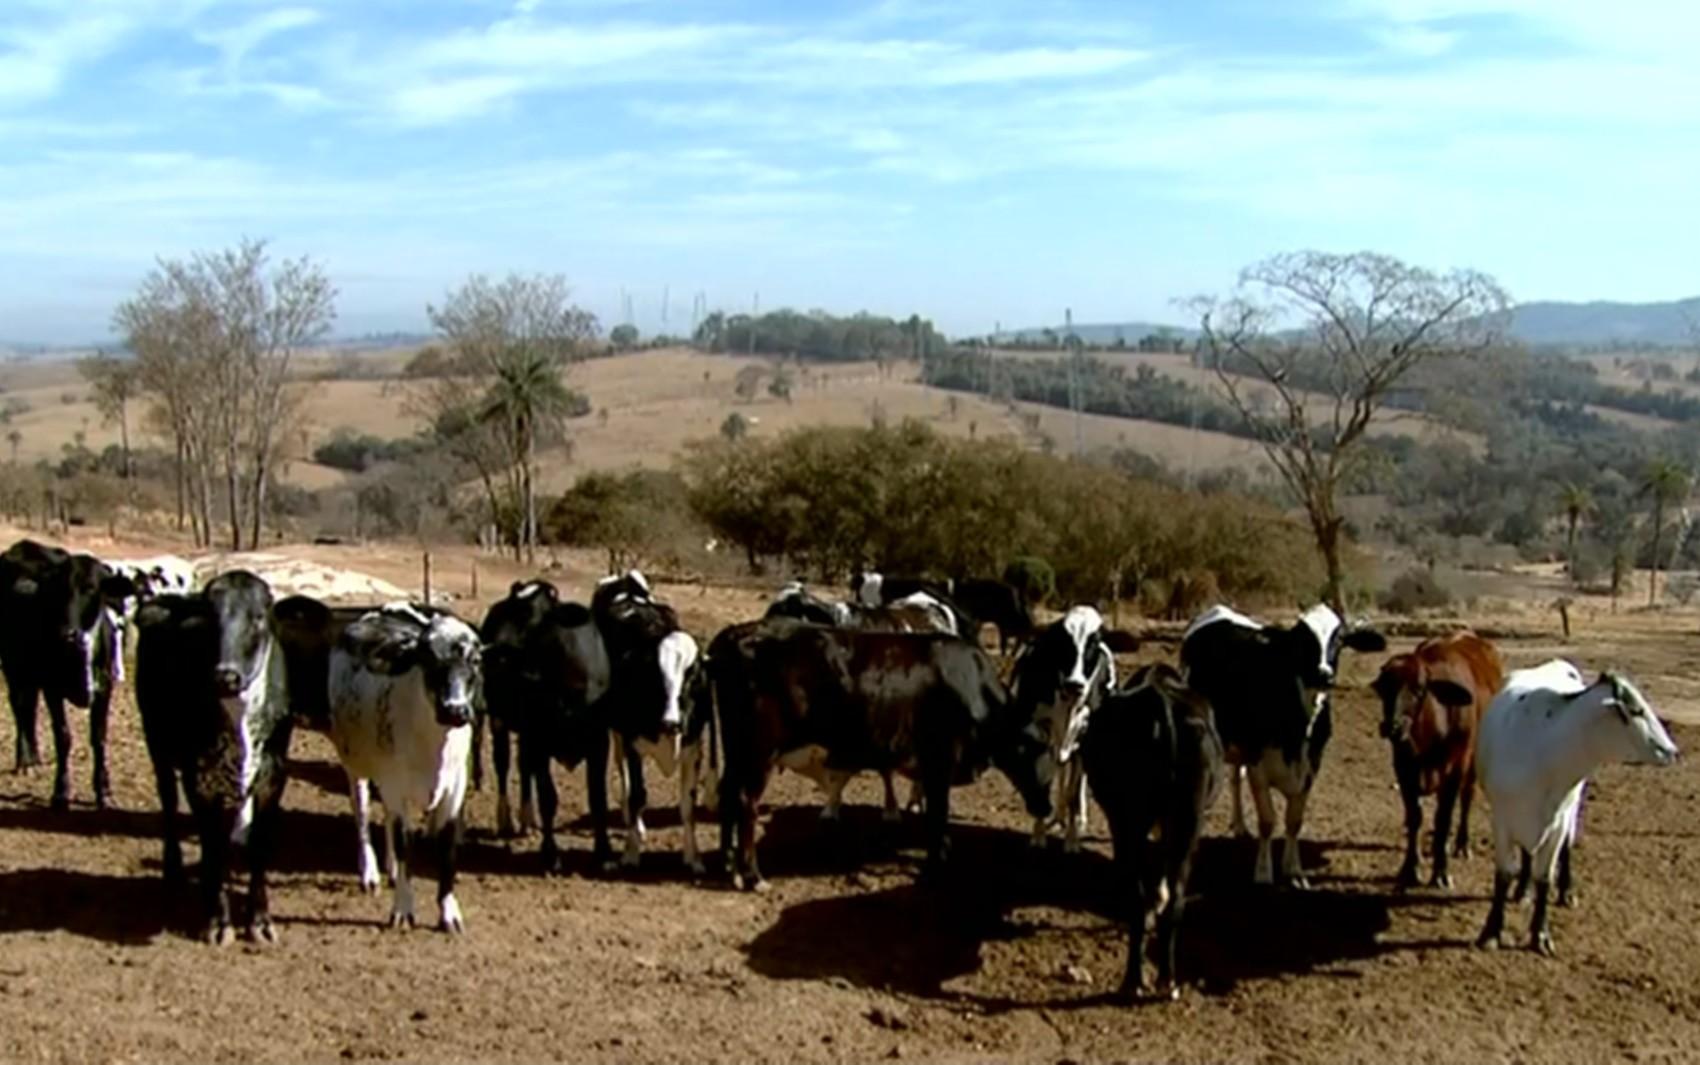 Geada diminui oferta de alimento para gado e causa queda na produção do leite no Sul de Minas